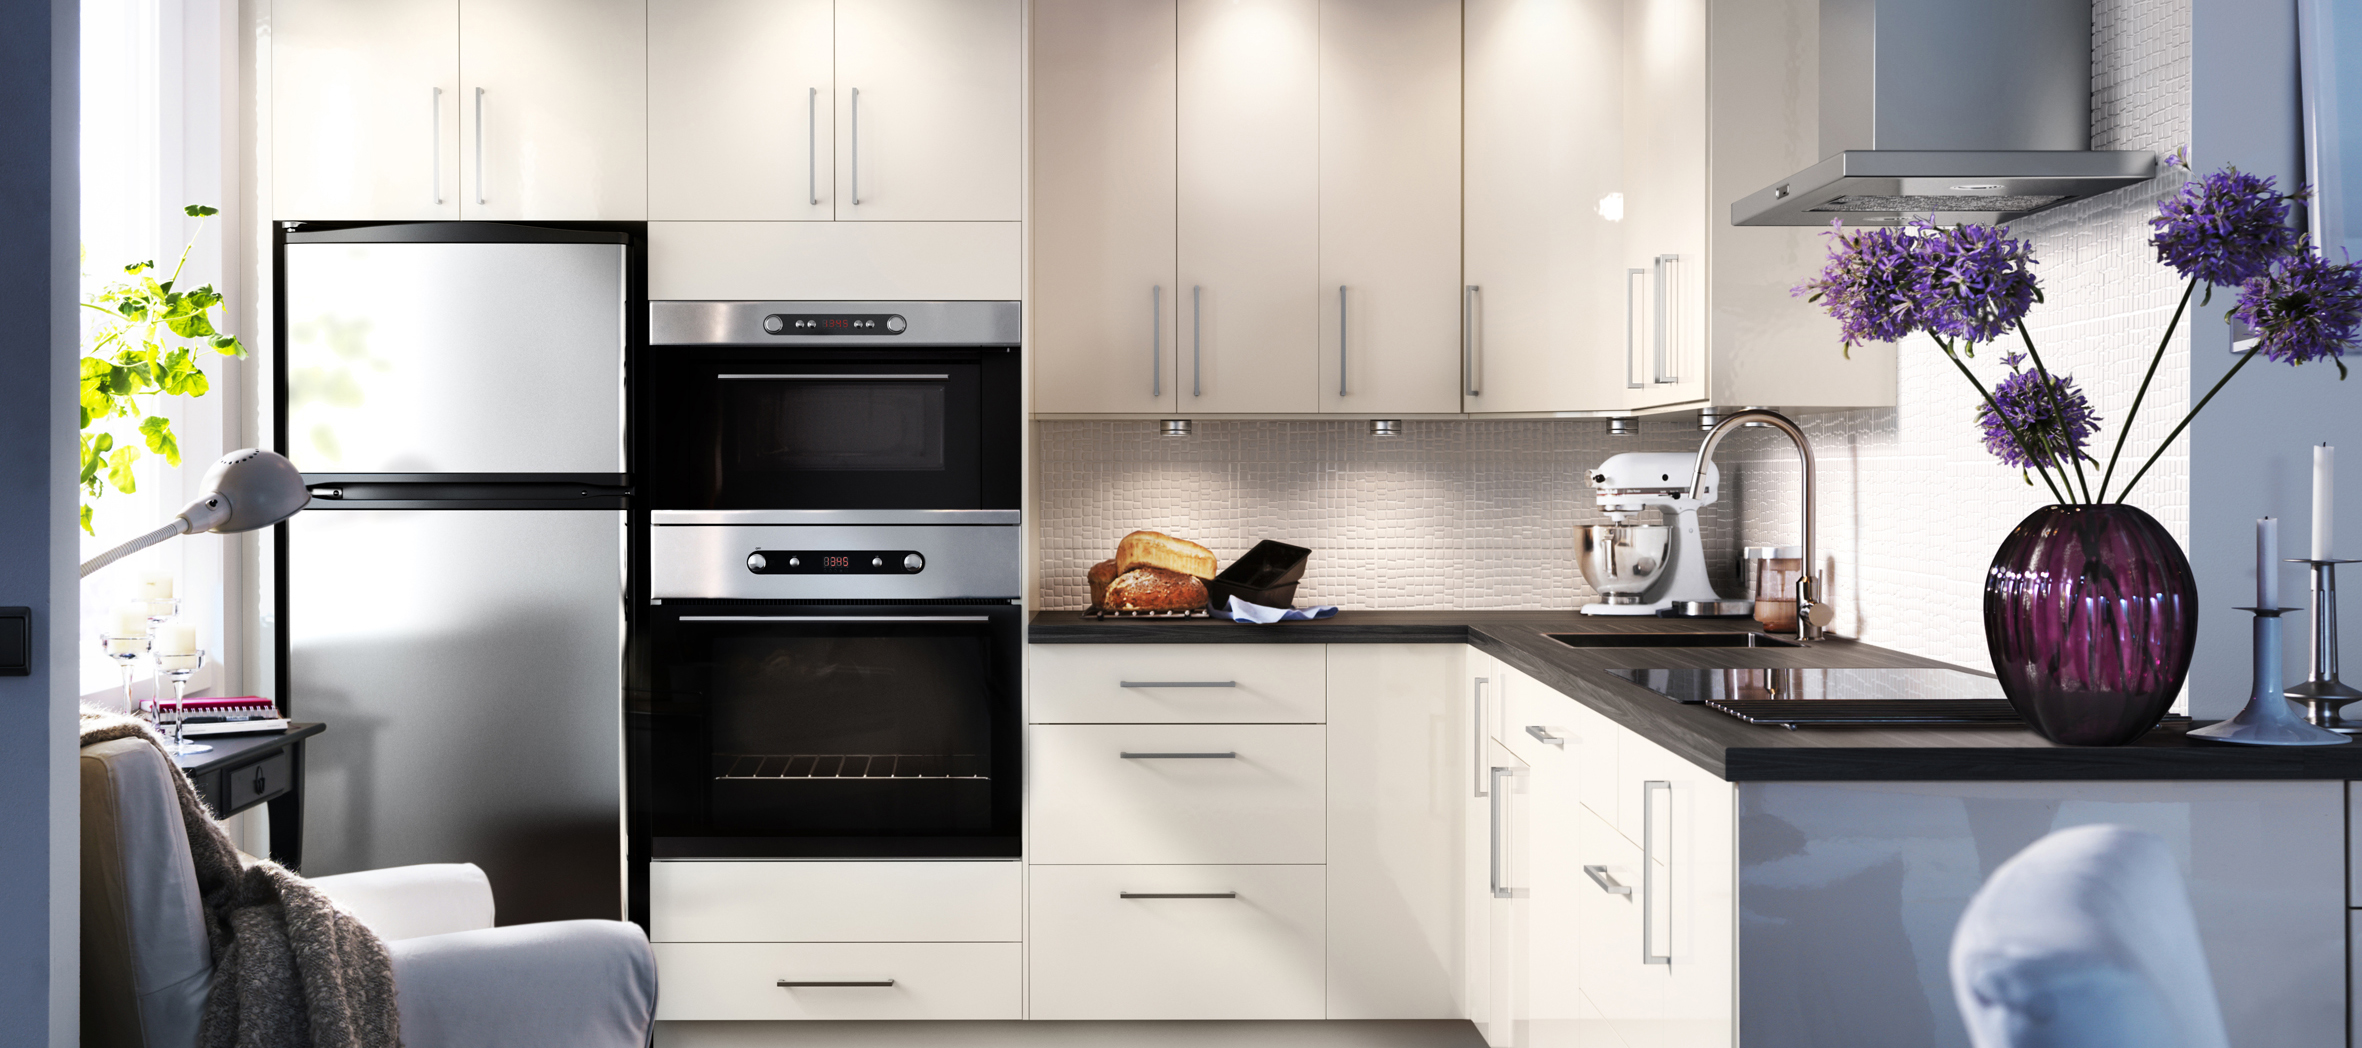 Кухонные гарнитуры Икеа: эргономичность и надежность